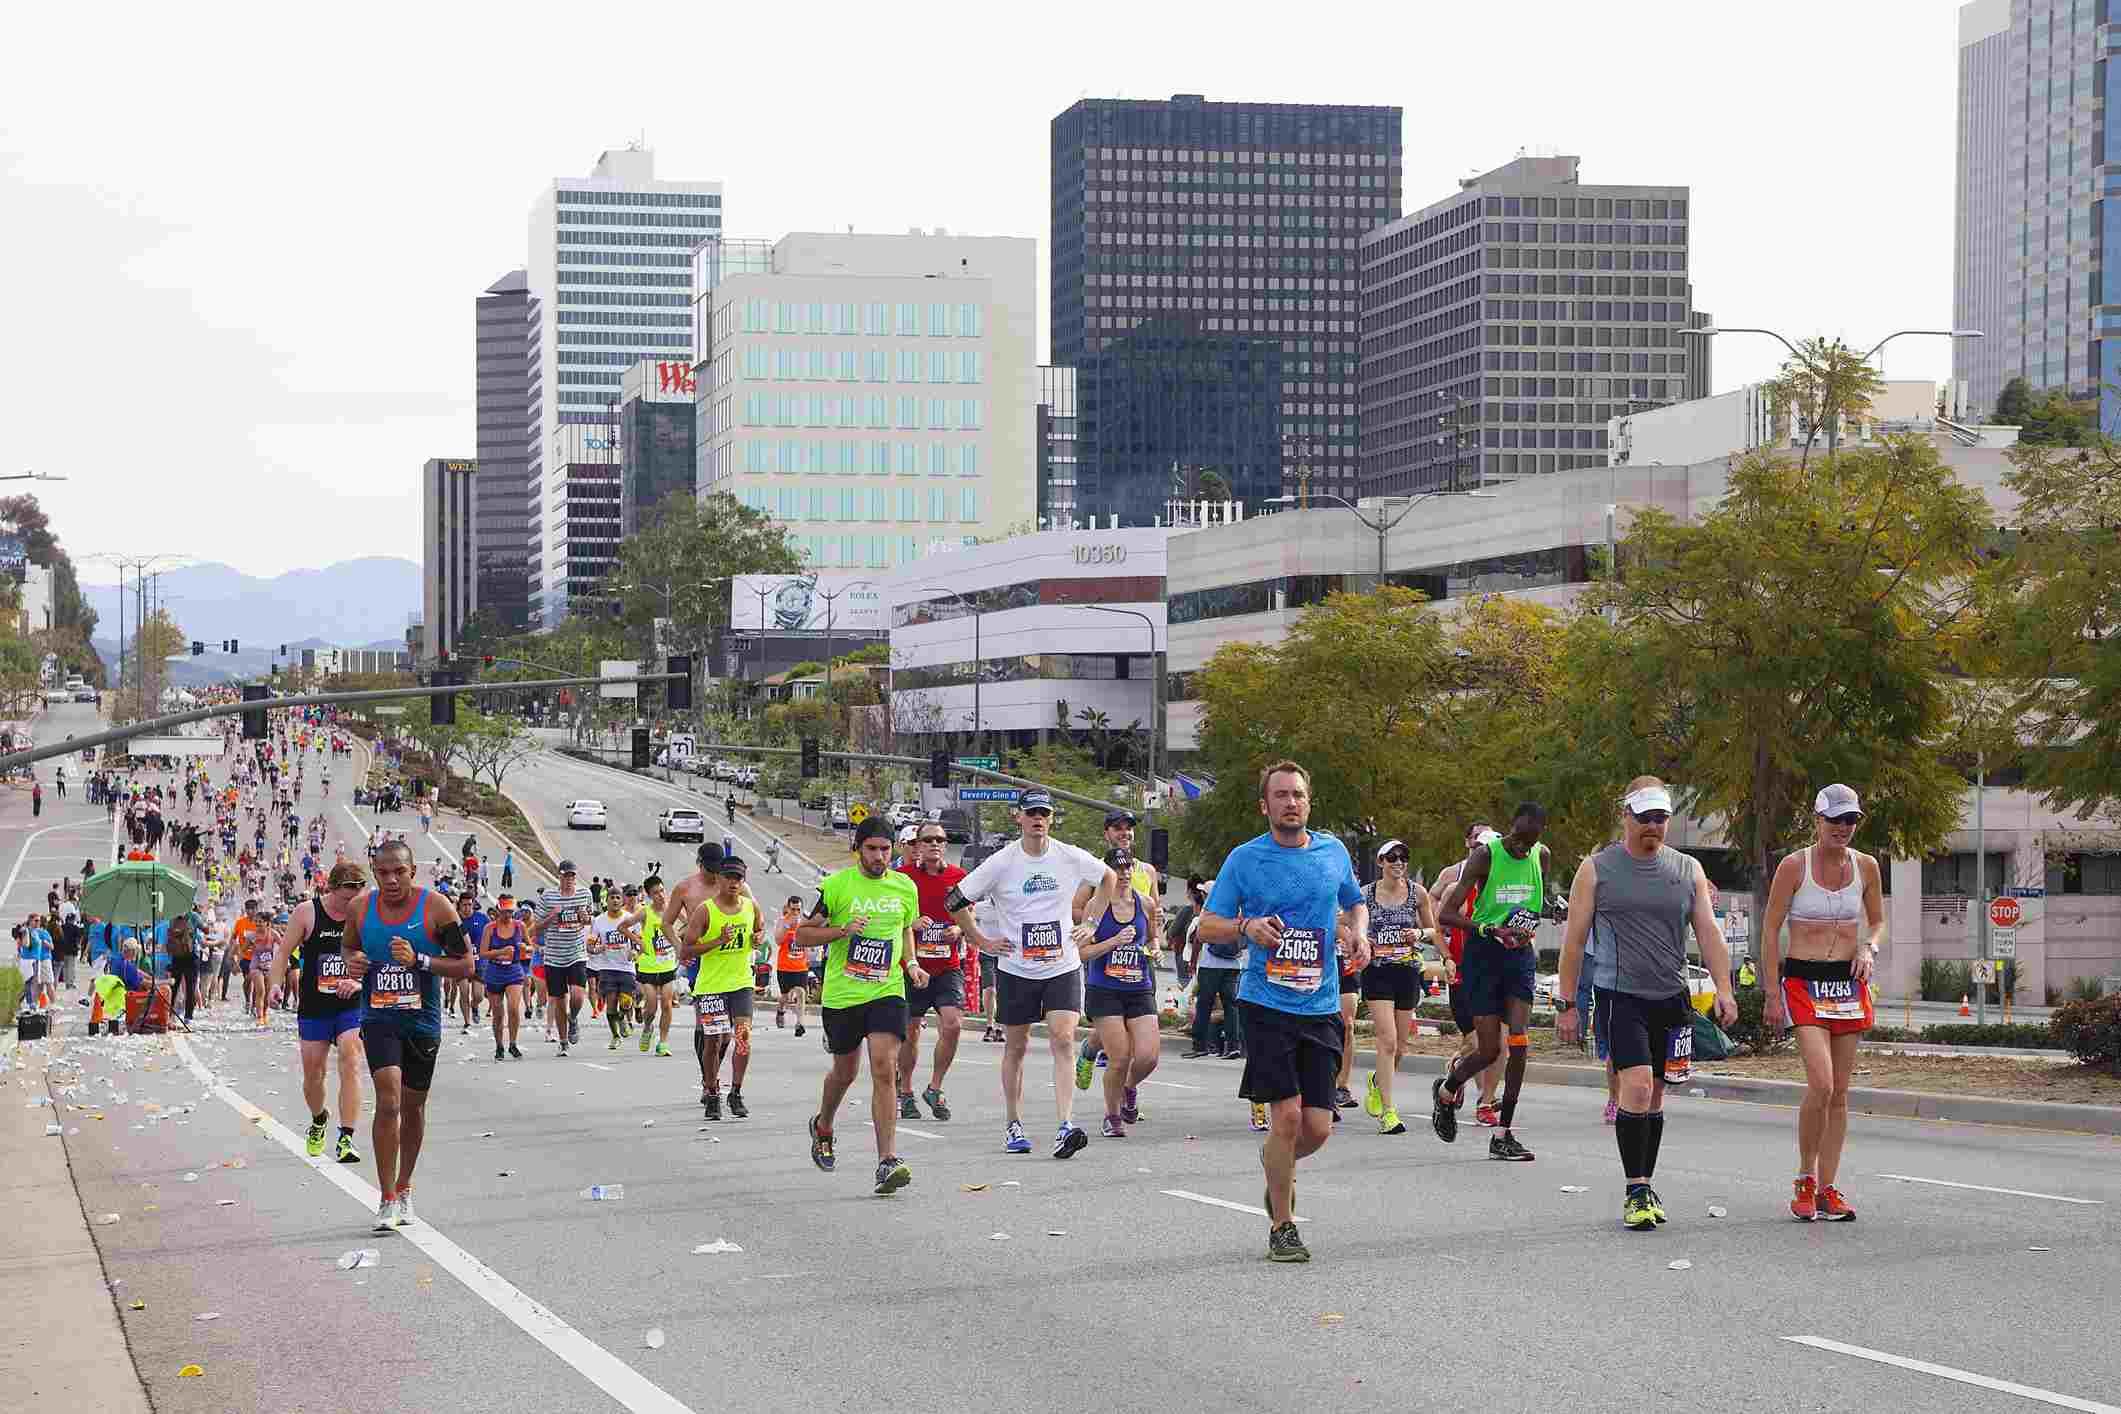 Corredores en el Maratón de Los Ángeles